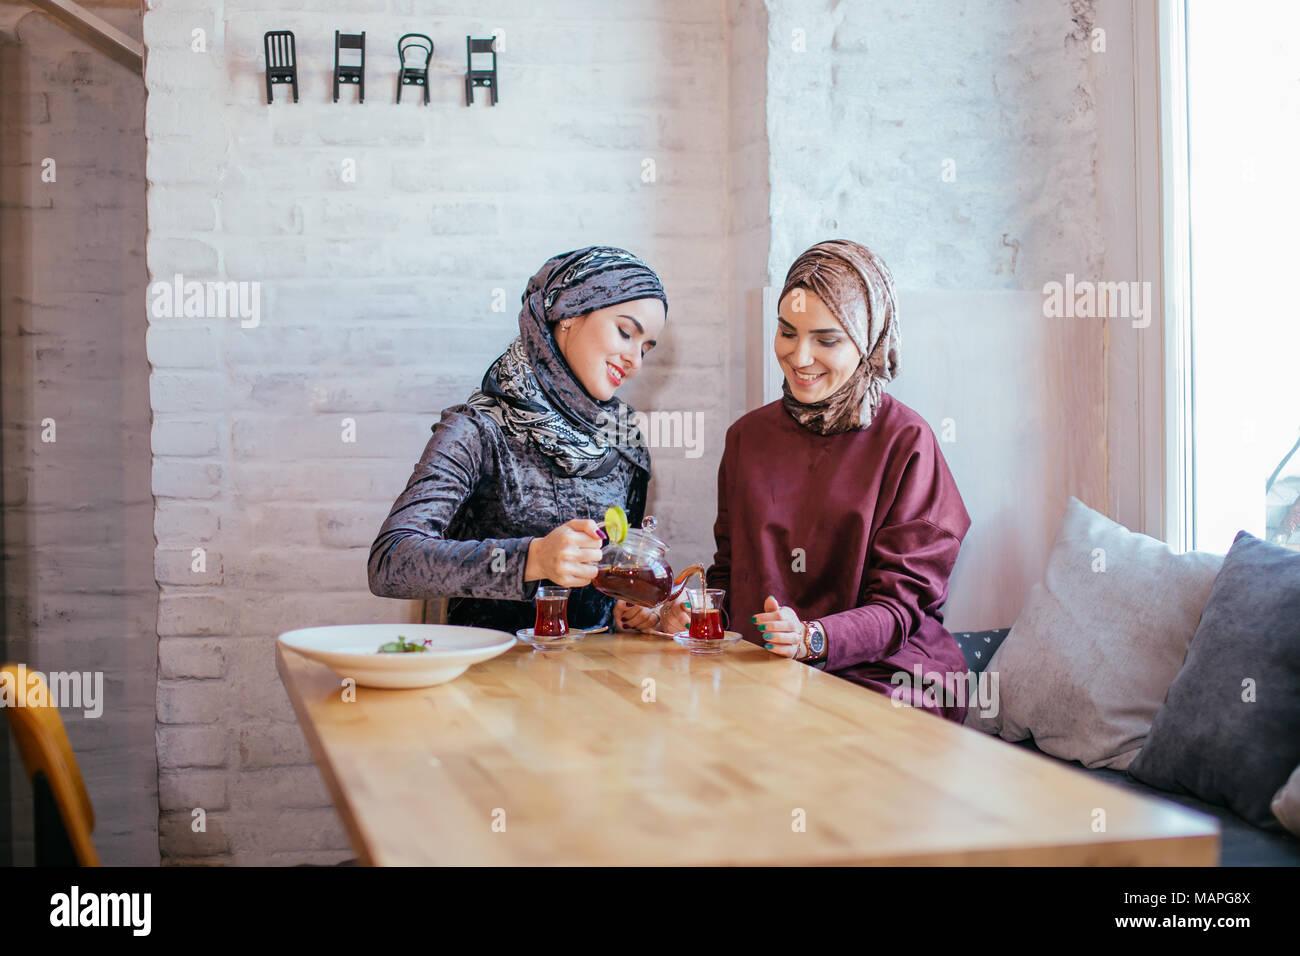 Dos mujeres musulmanas del Cáucaso beber té en el café Imagen De Stock